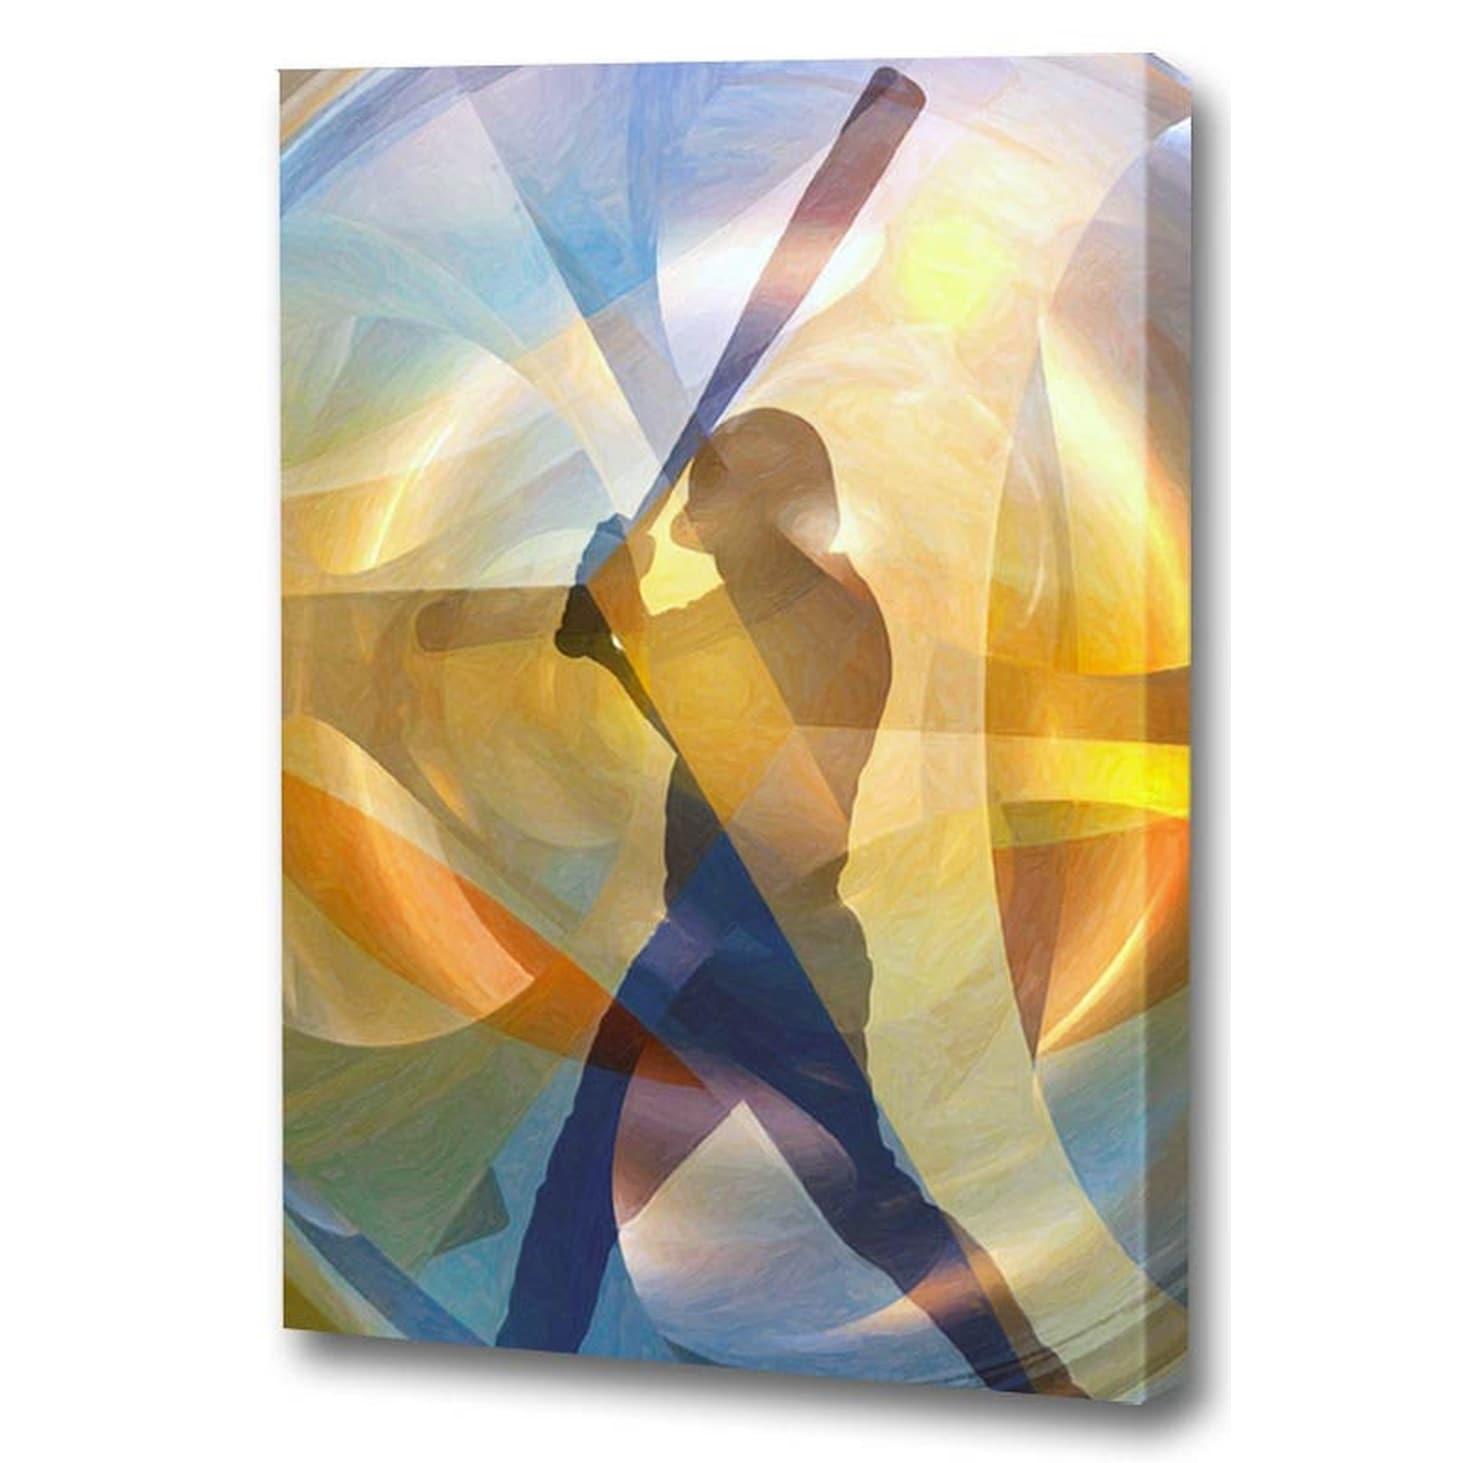 Menaul Fine Art's 'The Hitter (Baseball)' by Scott J. Men...